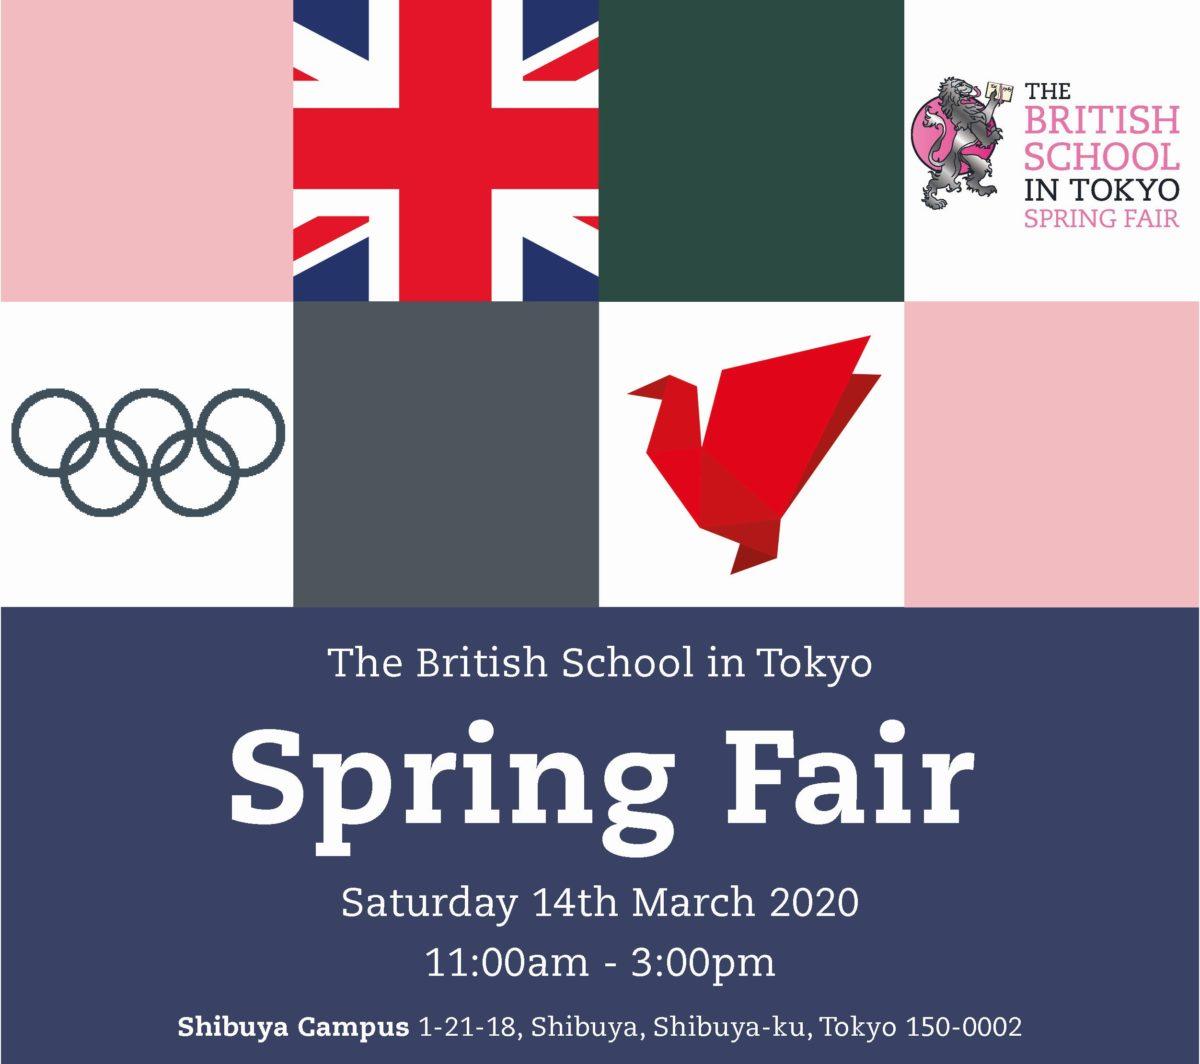 2020年3月14日(土) スプリングフェア~BST Spring Fair~@ブリティッシュスクールイン東京